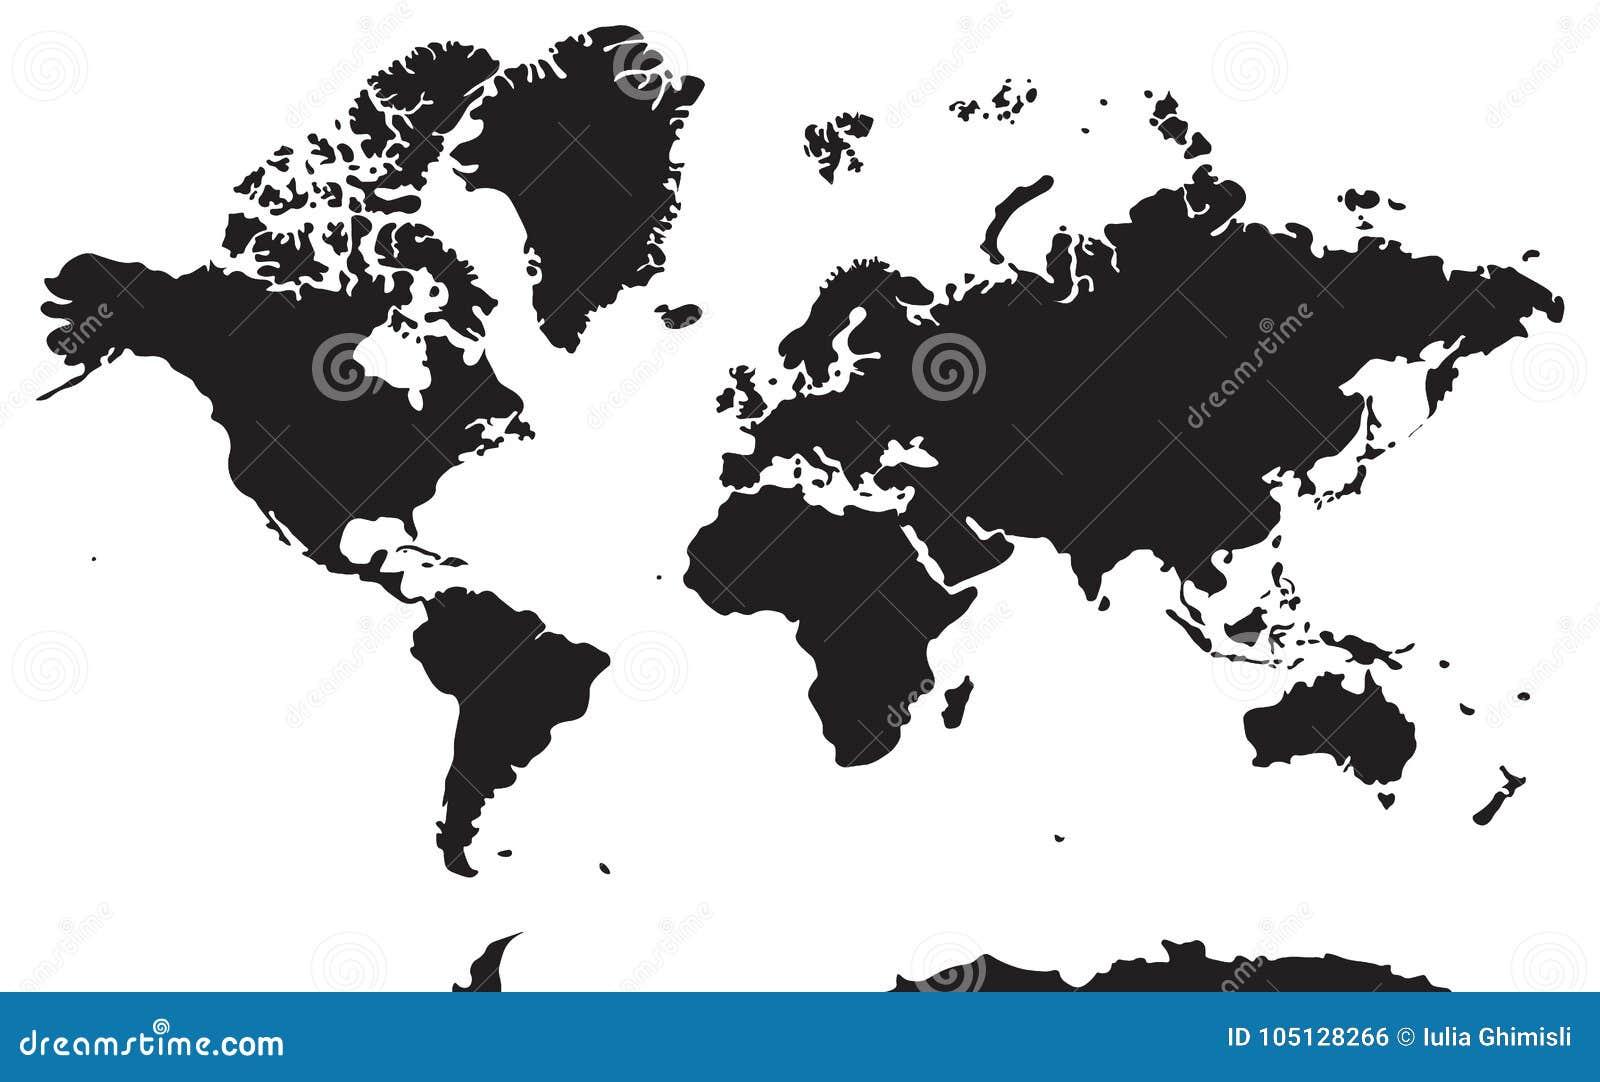 Cartina Geografica Del Mondo In Bianco E Nero.Mappa Geografica In Bianco E Nero Continenti L Asia Europa Nort Illustrazione Vettoriale Illustrazione Di Geografico Continente 105128266